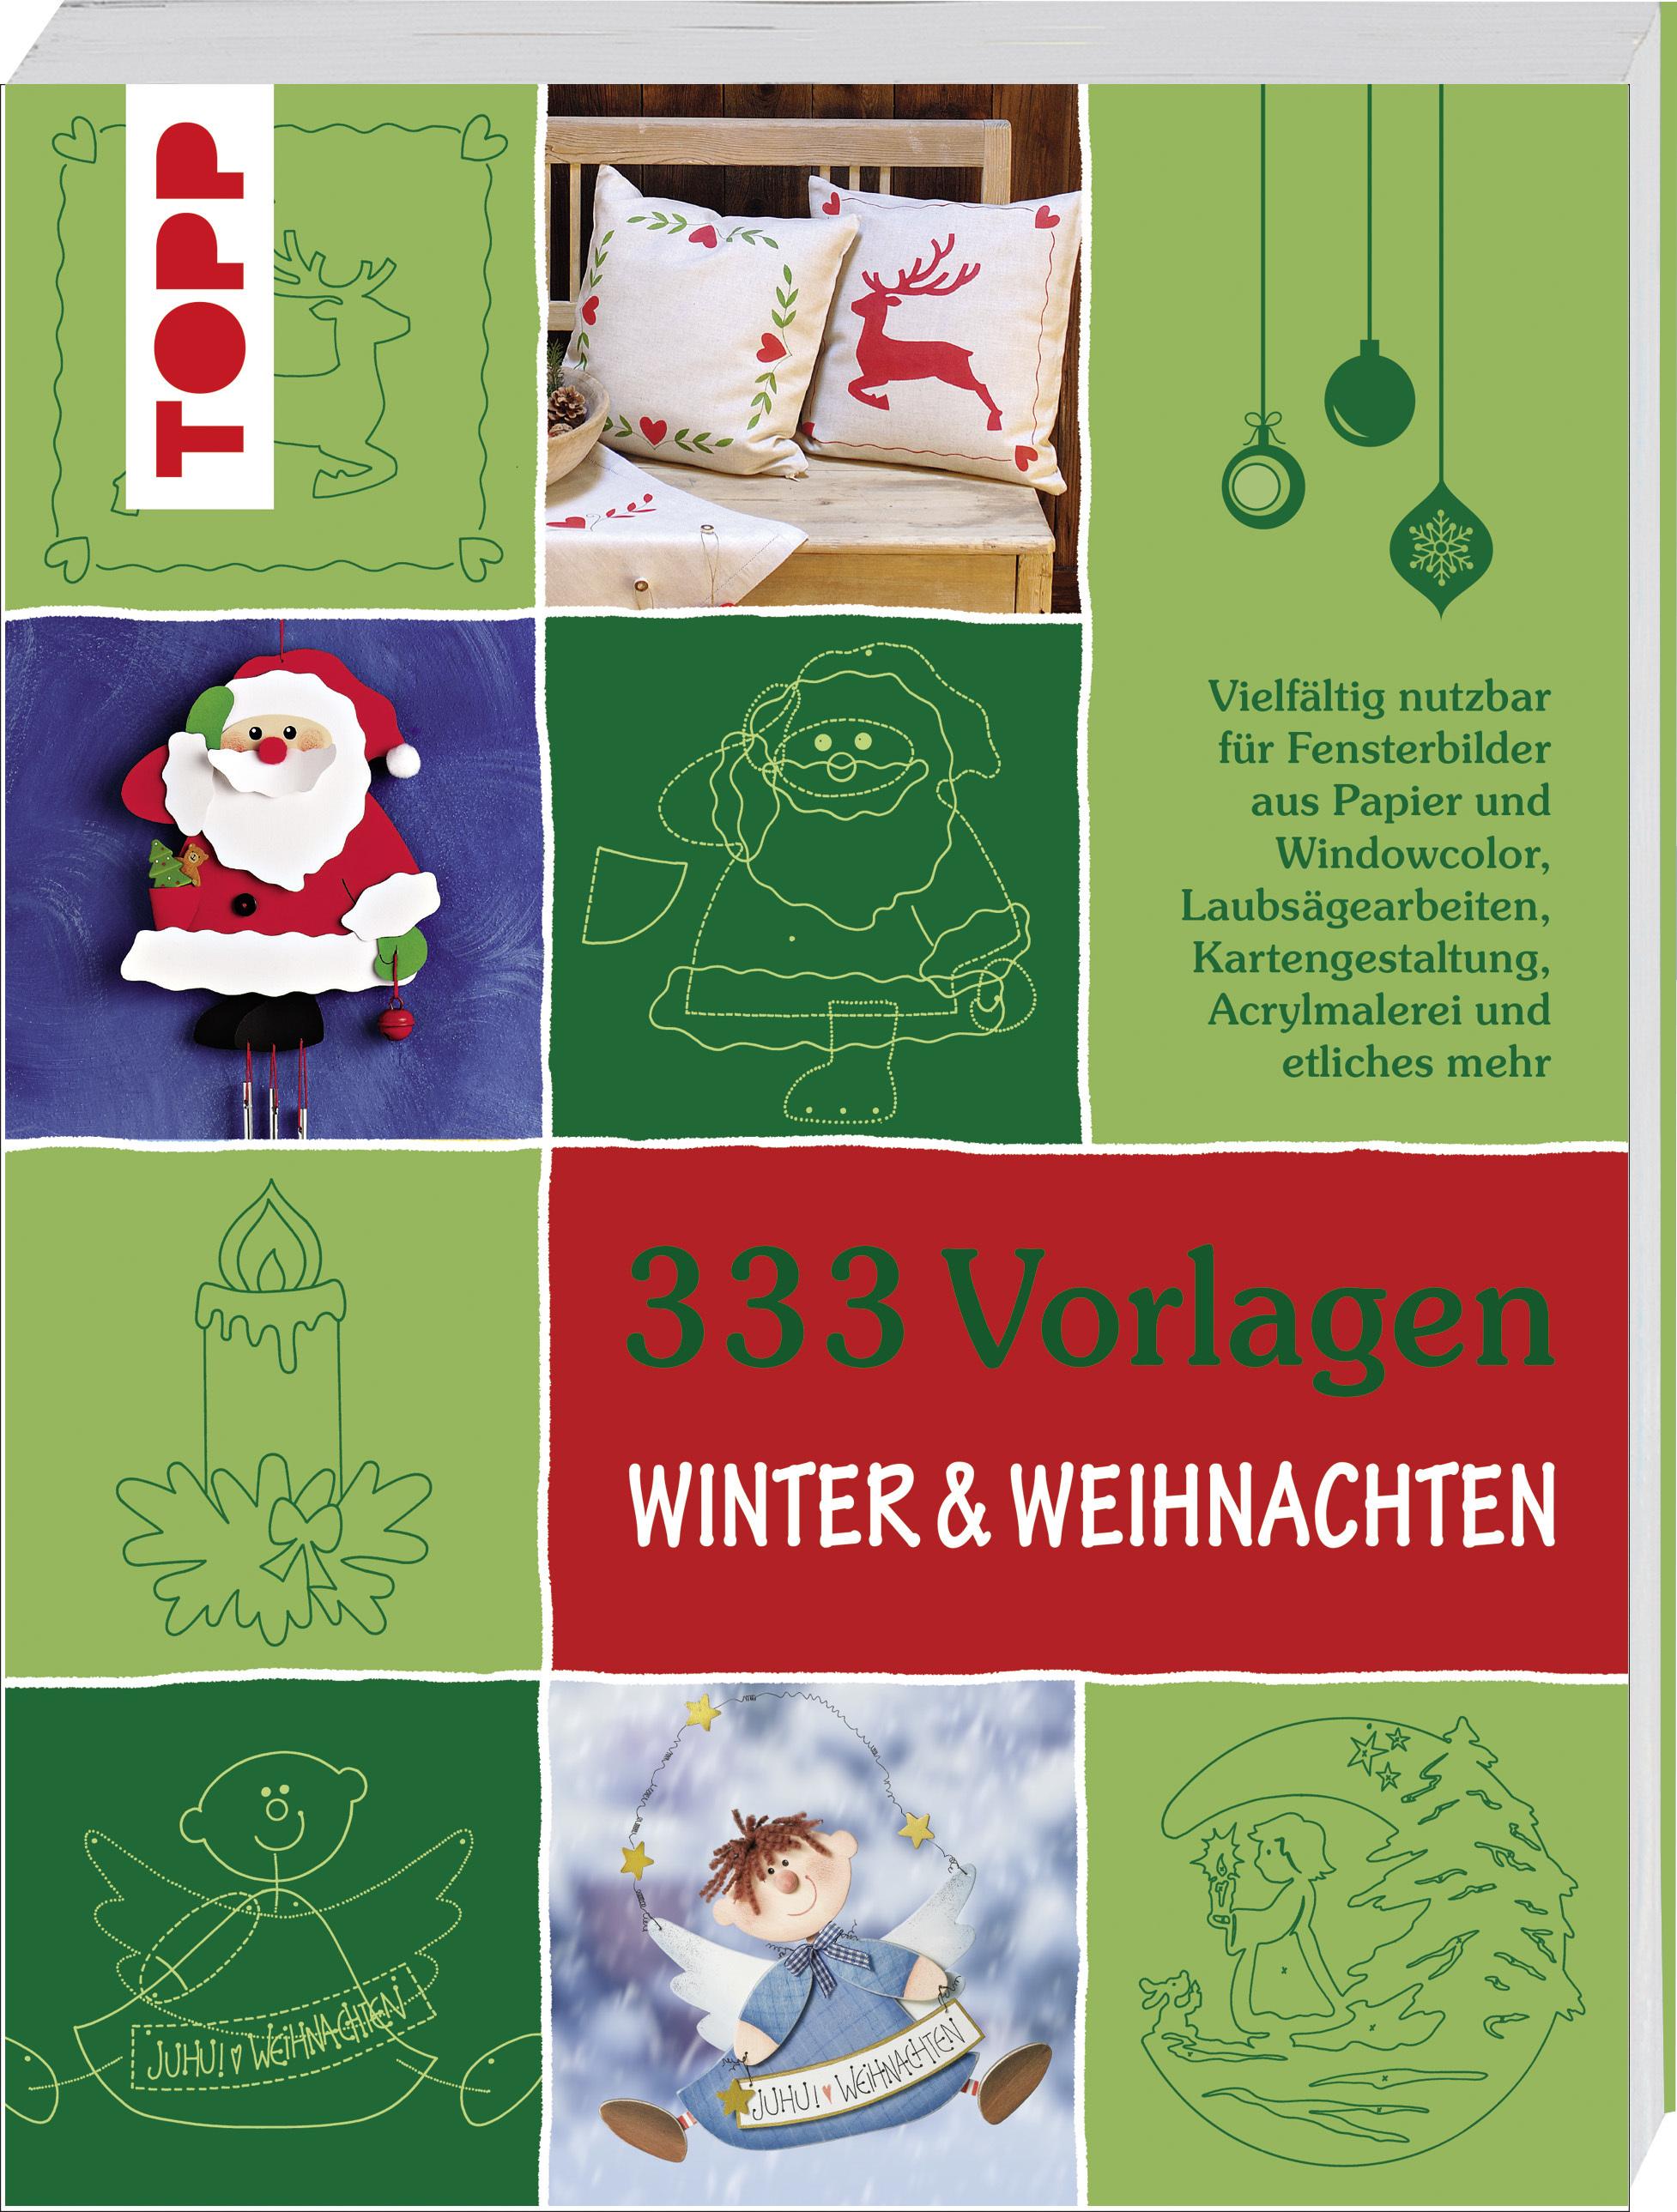 333 Vorlagen Winter Weihnachten Vorlagen Von Topp